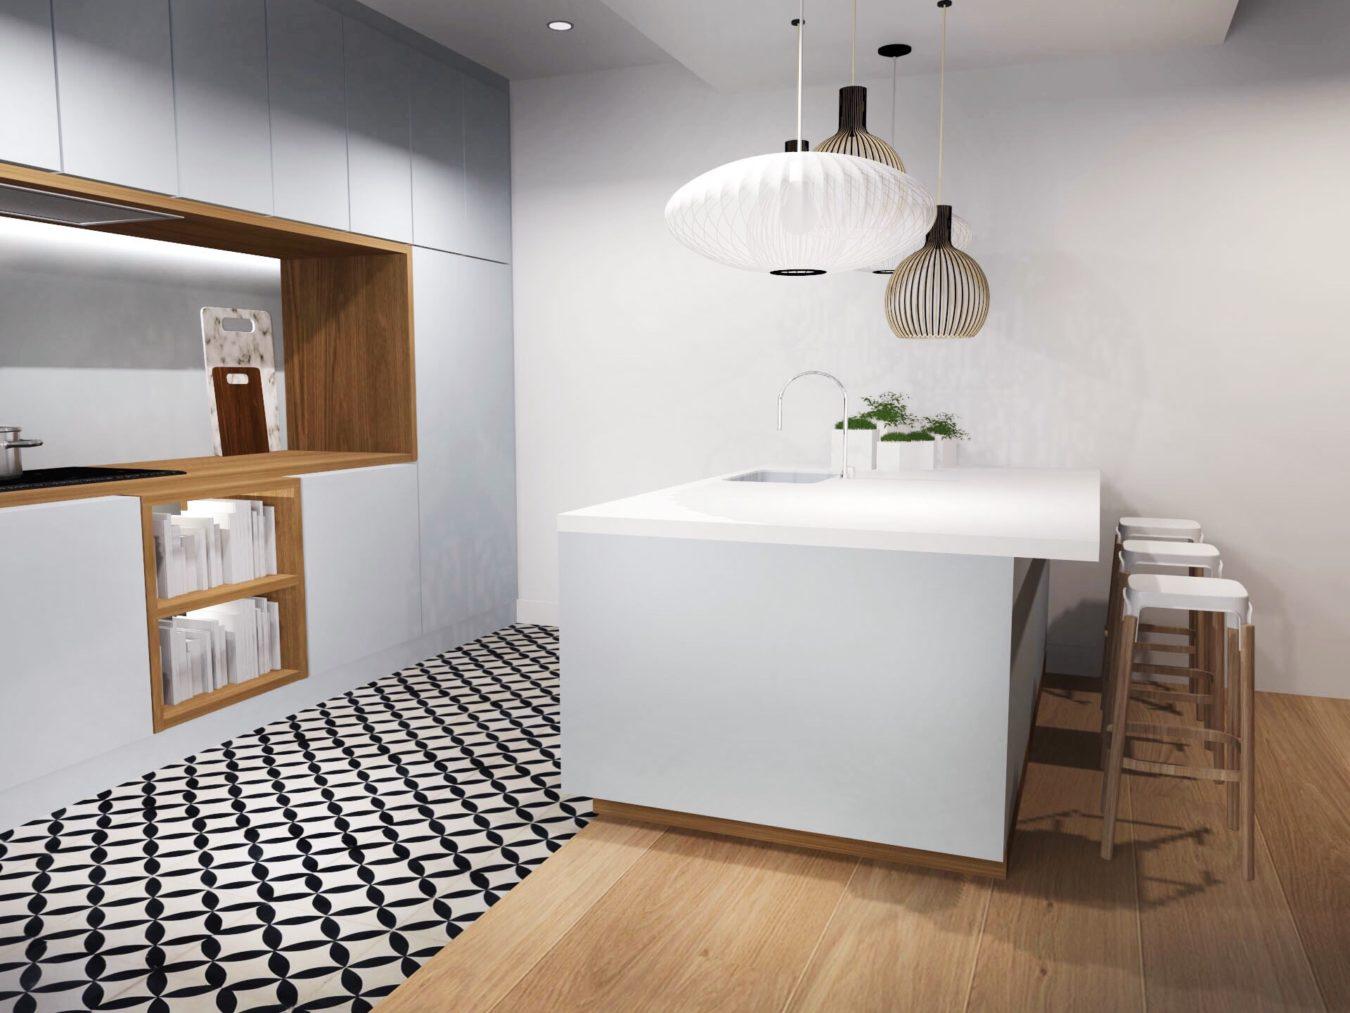 Anouck Charbonnier - Imaginer une cuisine comme un tableau